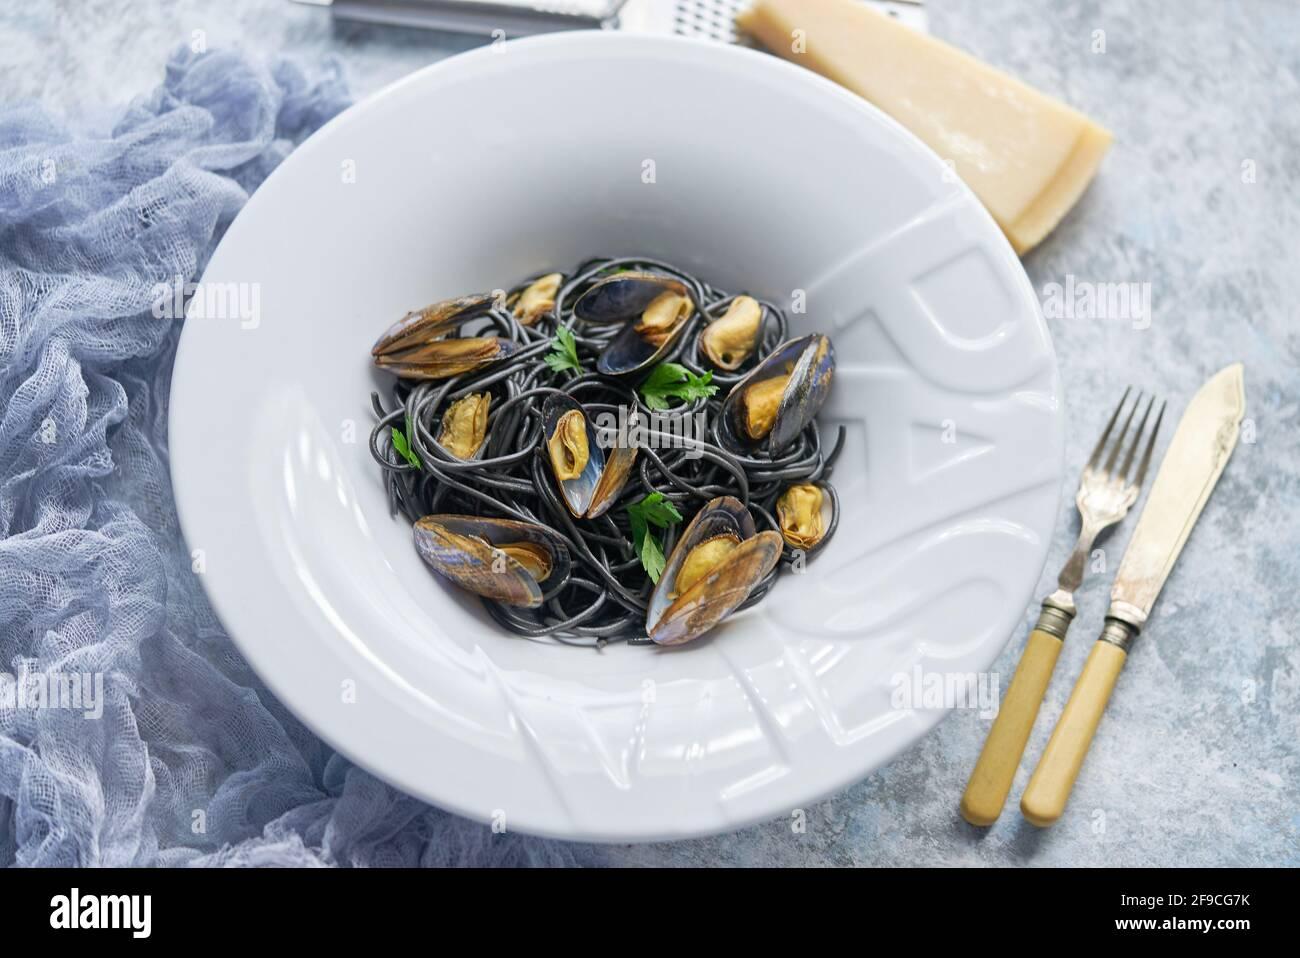 Pasta de espagueti de marisco negro con mejillones sobre fondo de piedra. Comida mediterránea deliciosa Foto de stock